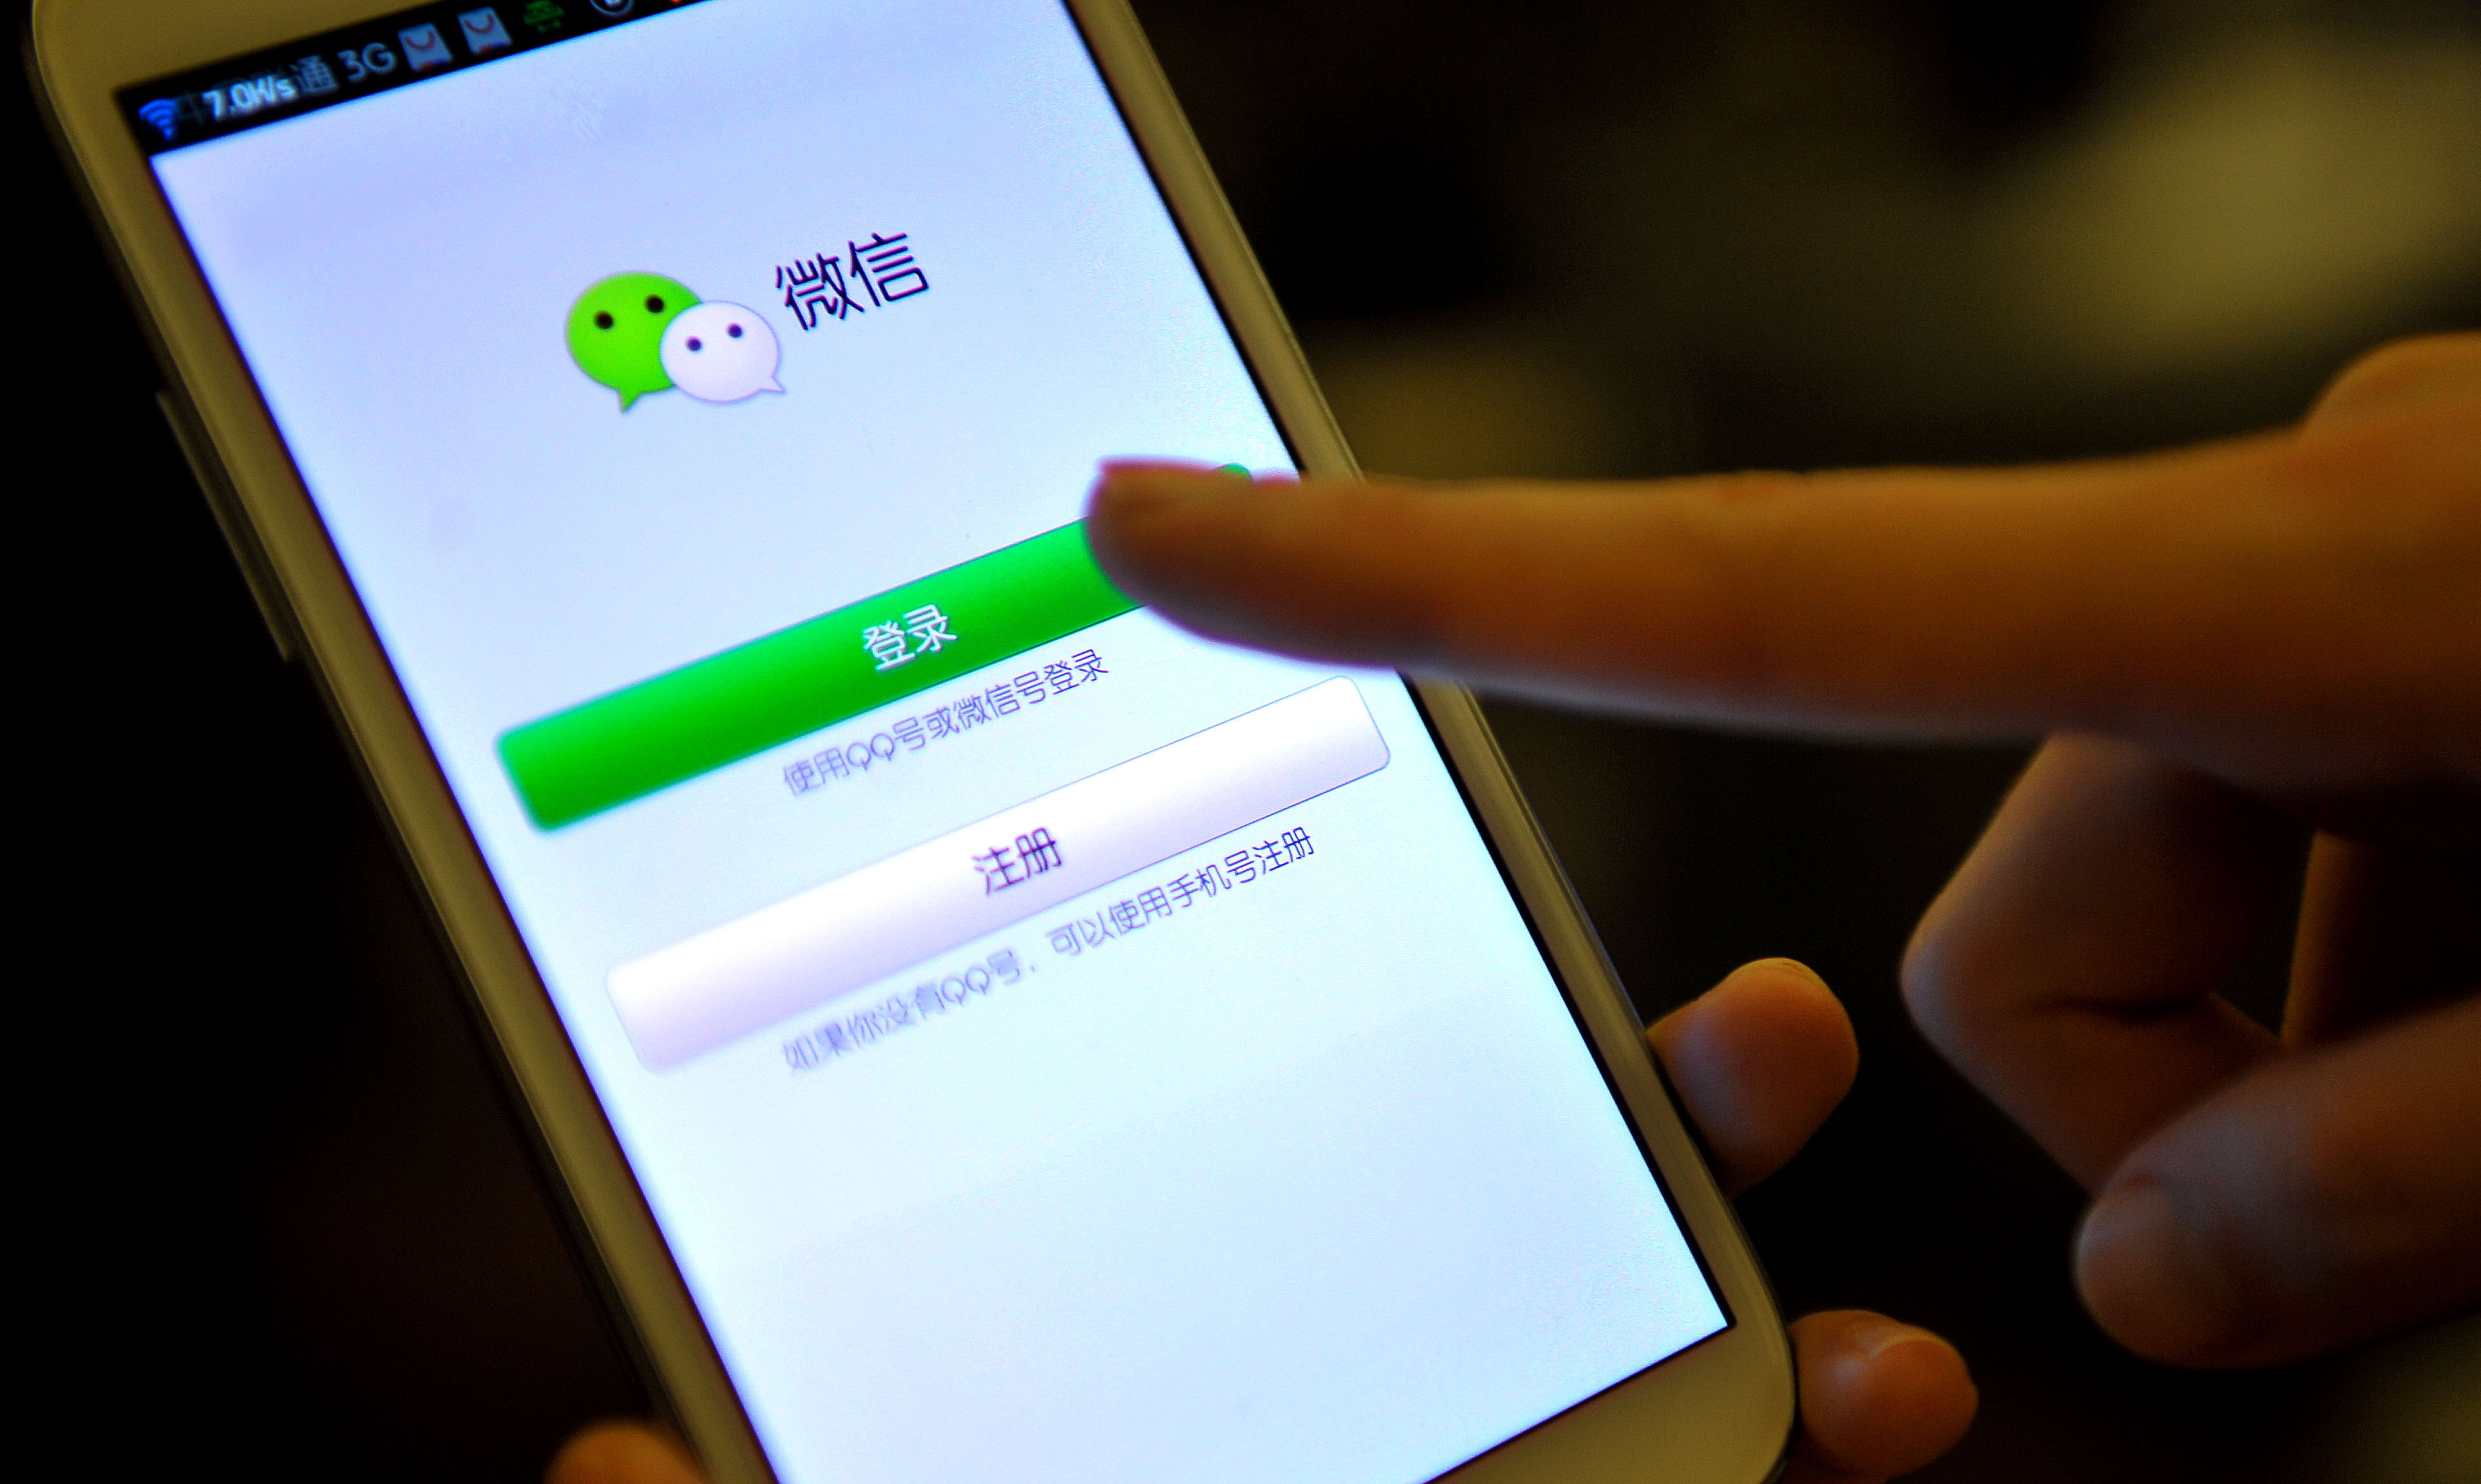 微信更新外链公告:删除对视听节目证照要求